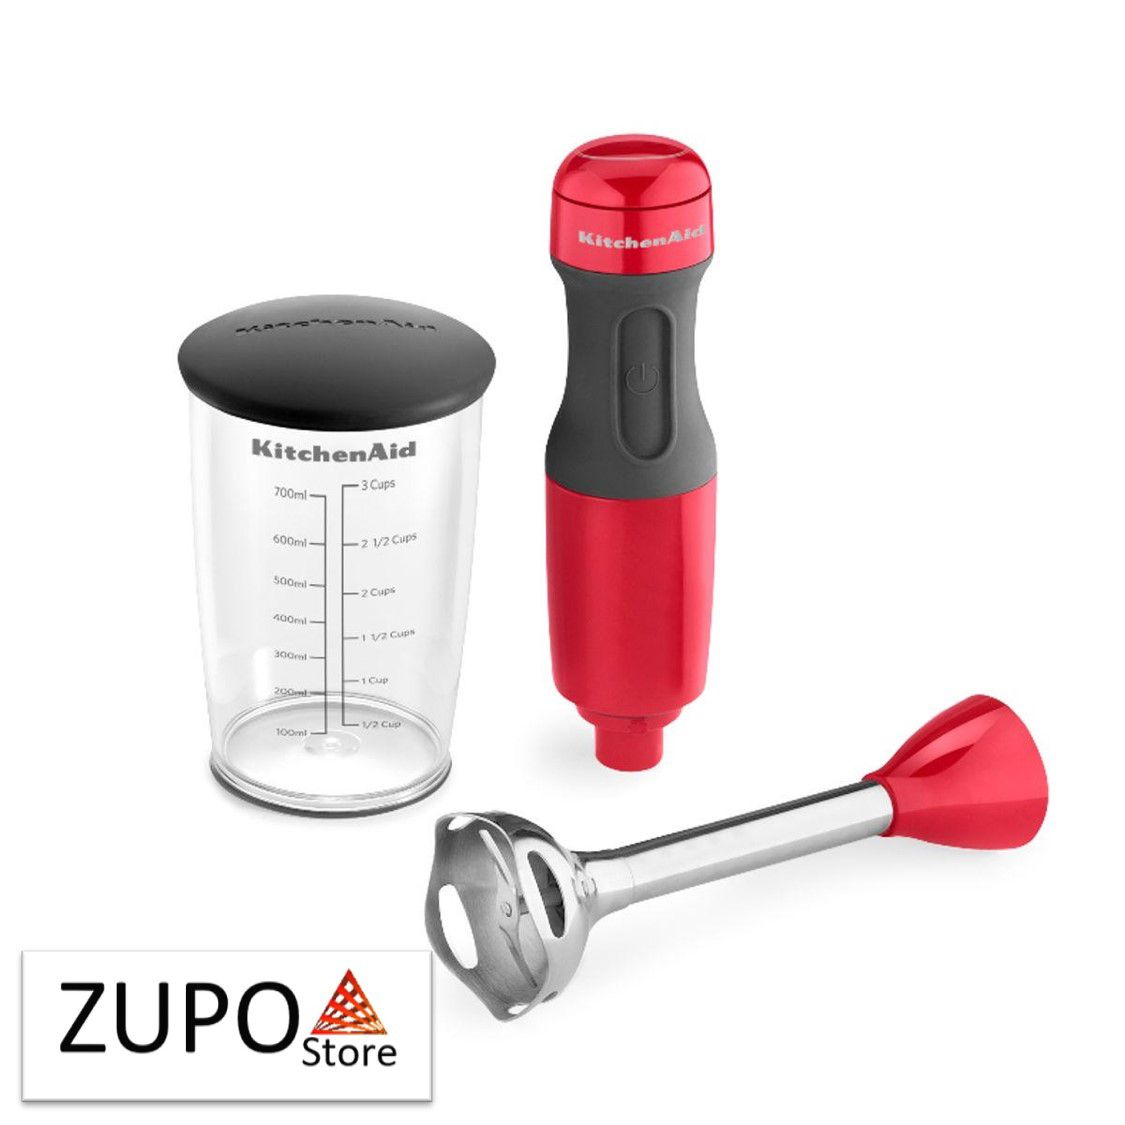 Mixer de Mão KitchenAid Empire Red KEB35 com 2 Velocidades - 127V